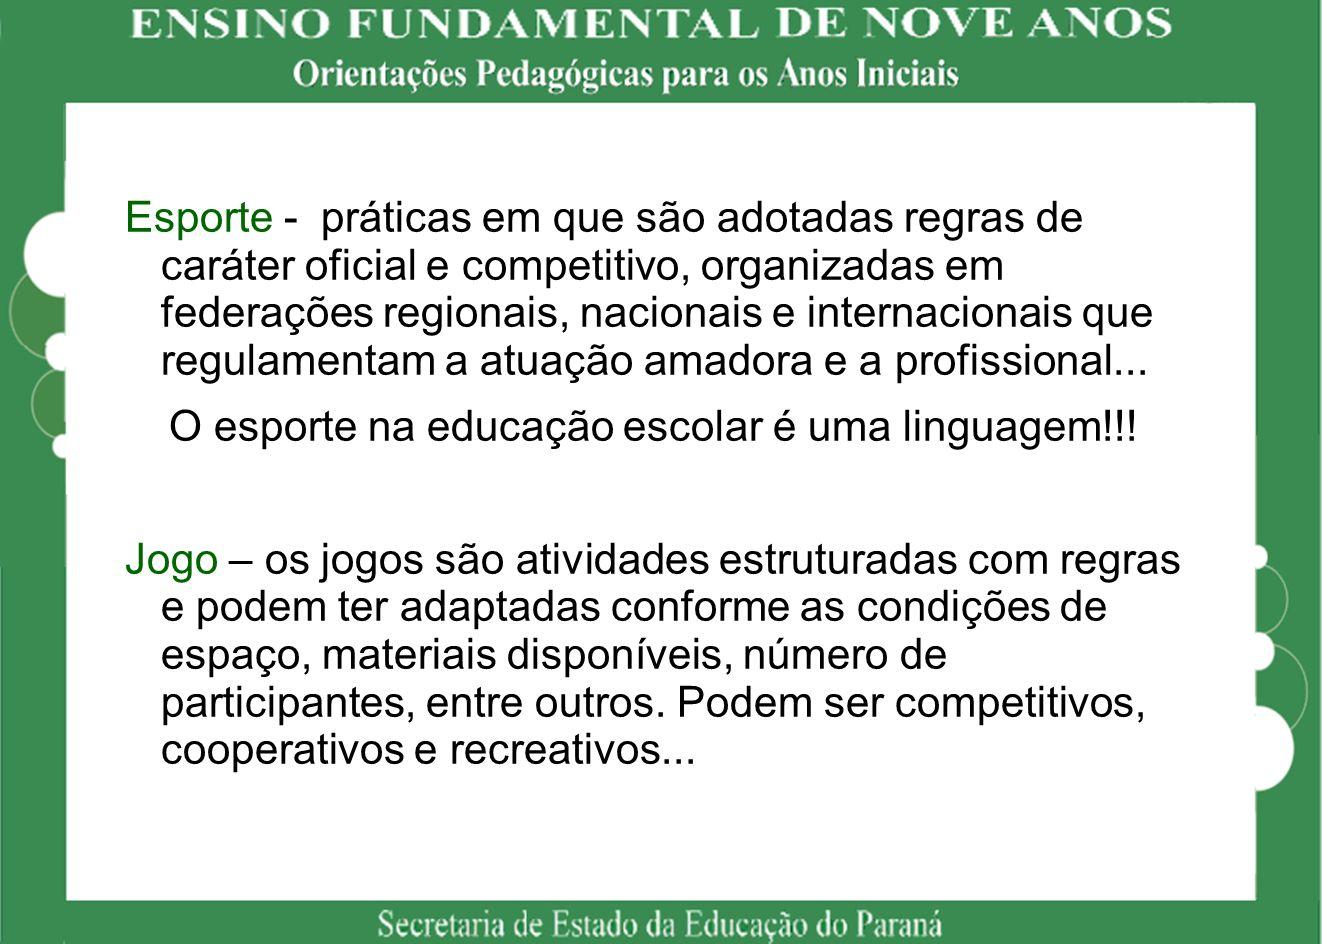 O esporte na educação escolar é uma linguagem!!!